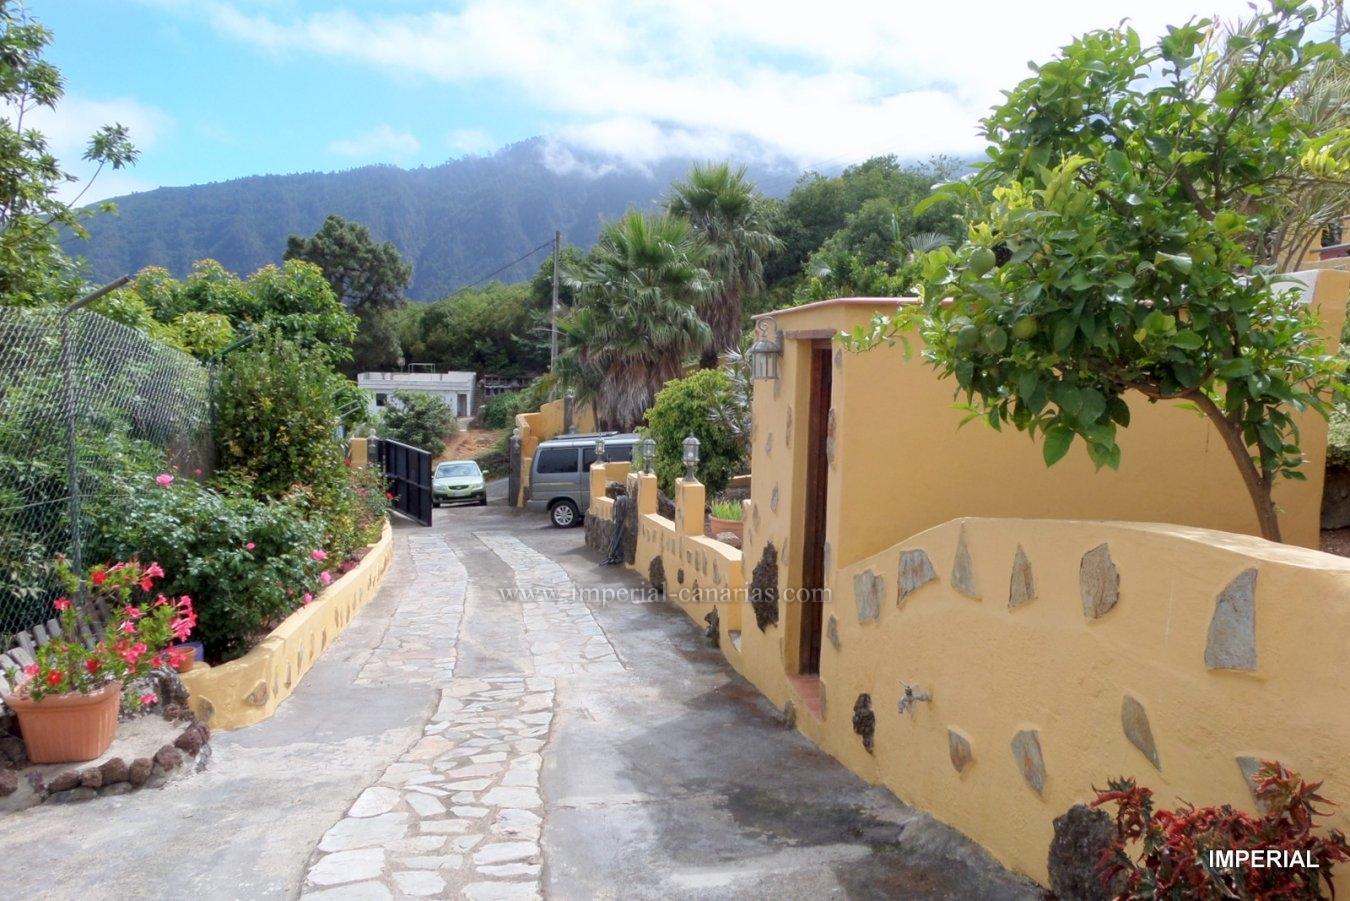 Magnífica finca con dos casas, se vende en La Orotava, en paraje de ensueño, para los enamorados de la naturaleza.